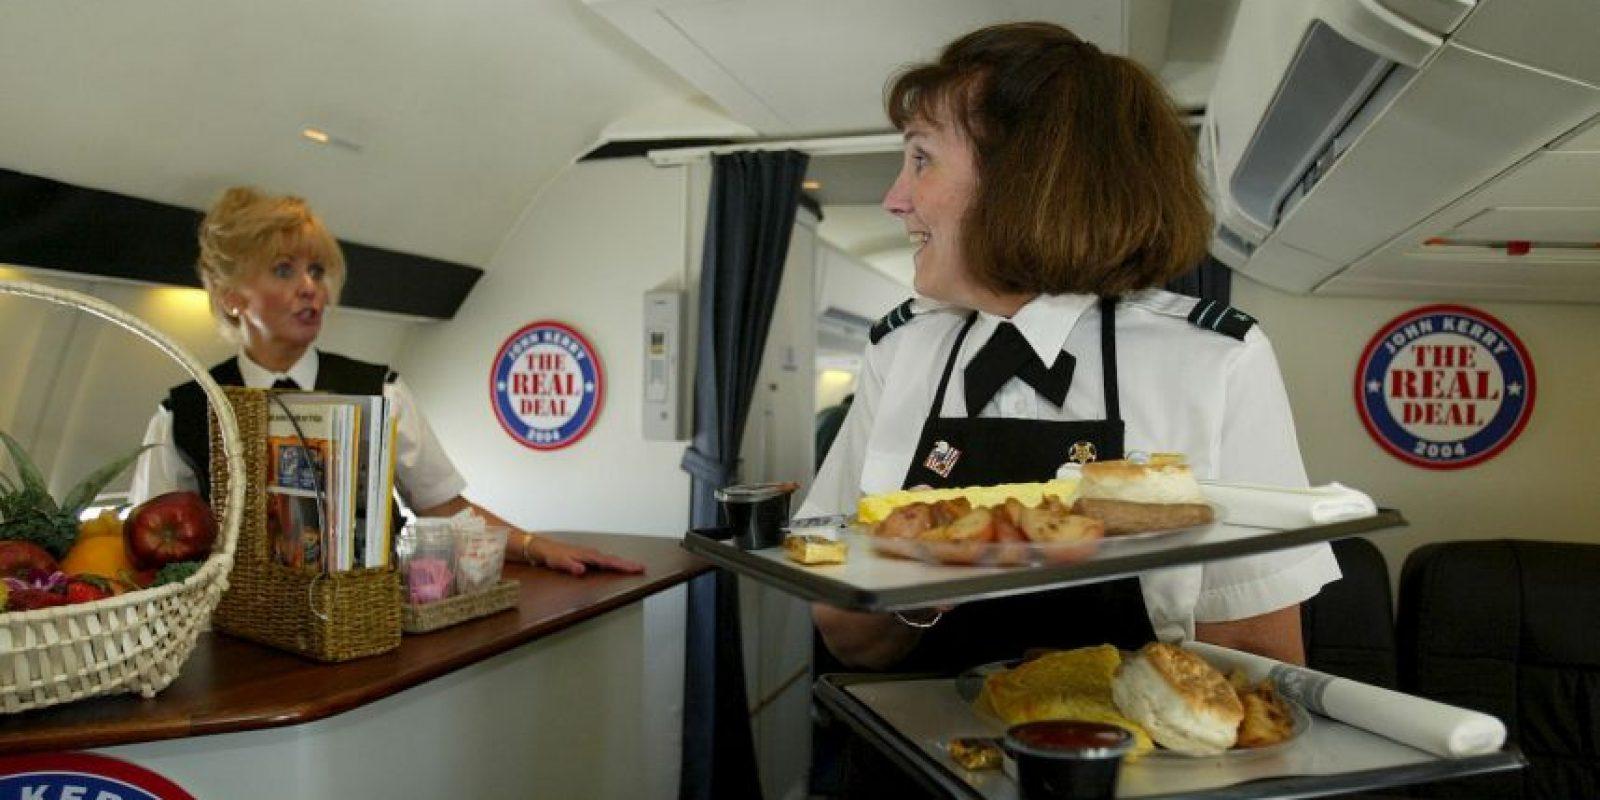 La Asociación de Transporte Aéreo Internacional (IATA, por sus siglas en inglés) establece que las embarazadas pueden viajar hasta la semana 32 de gestación. Foto:Getty Images